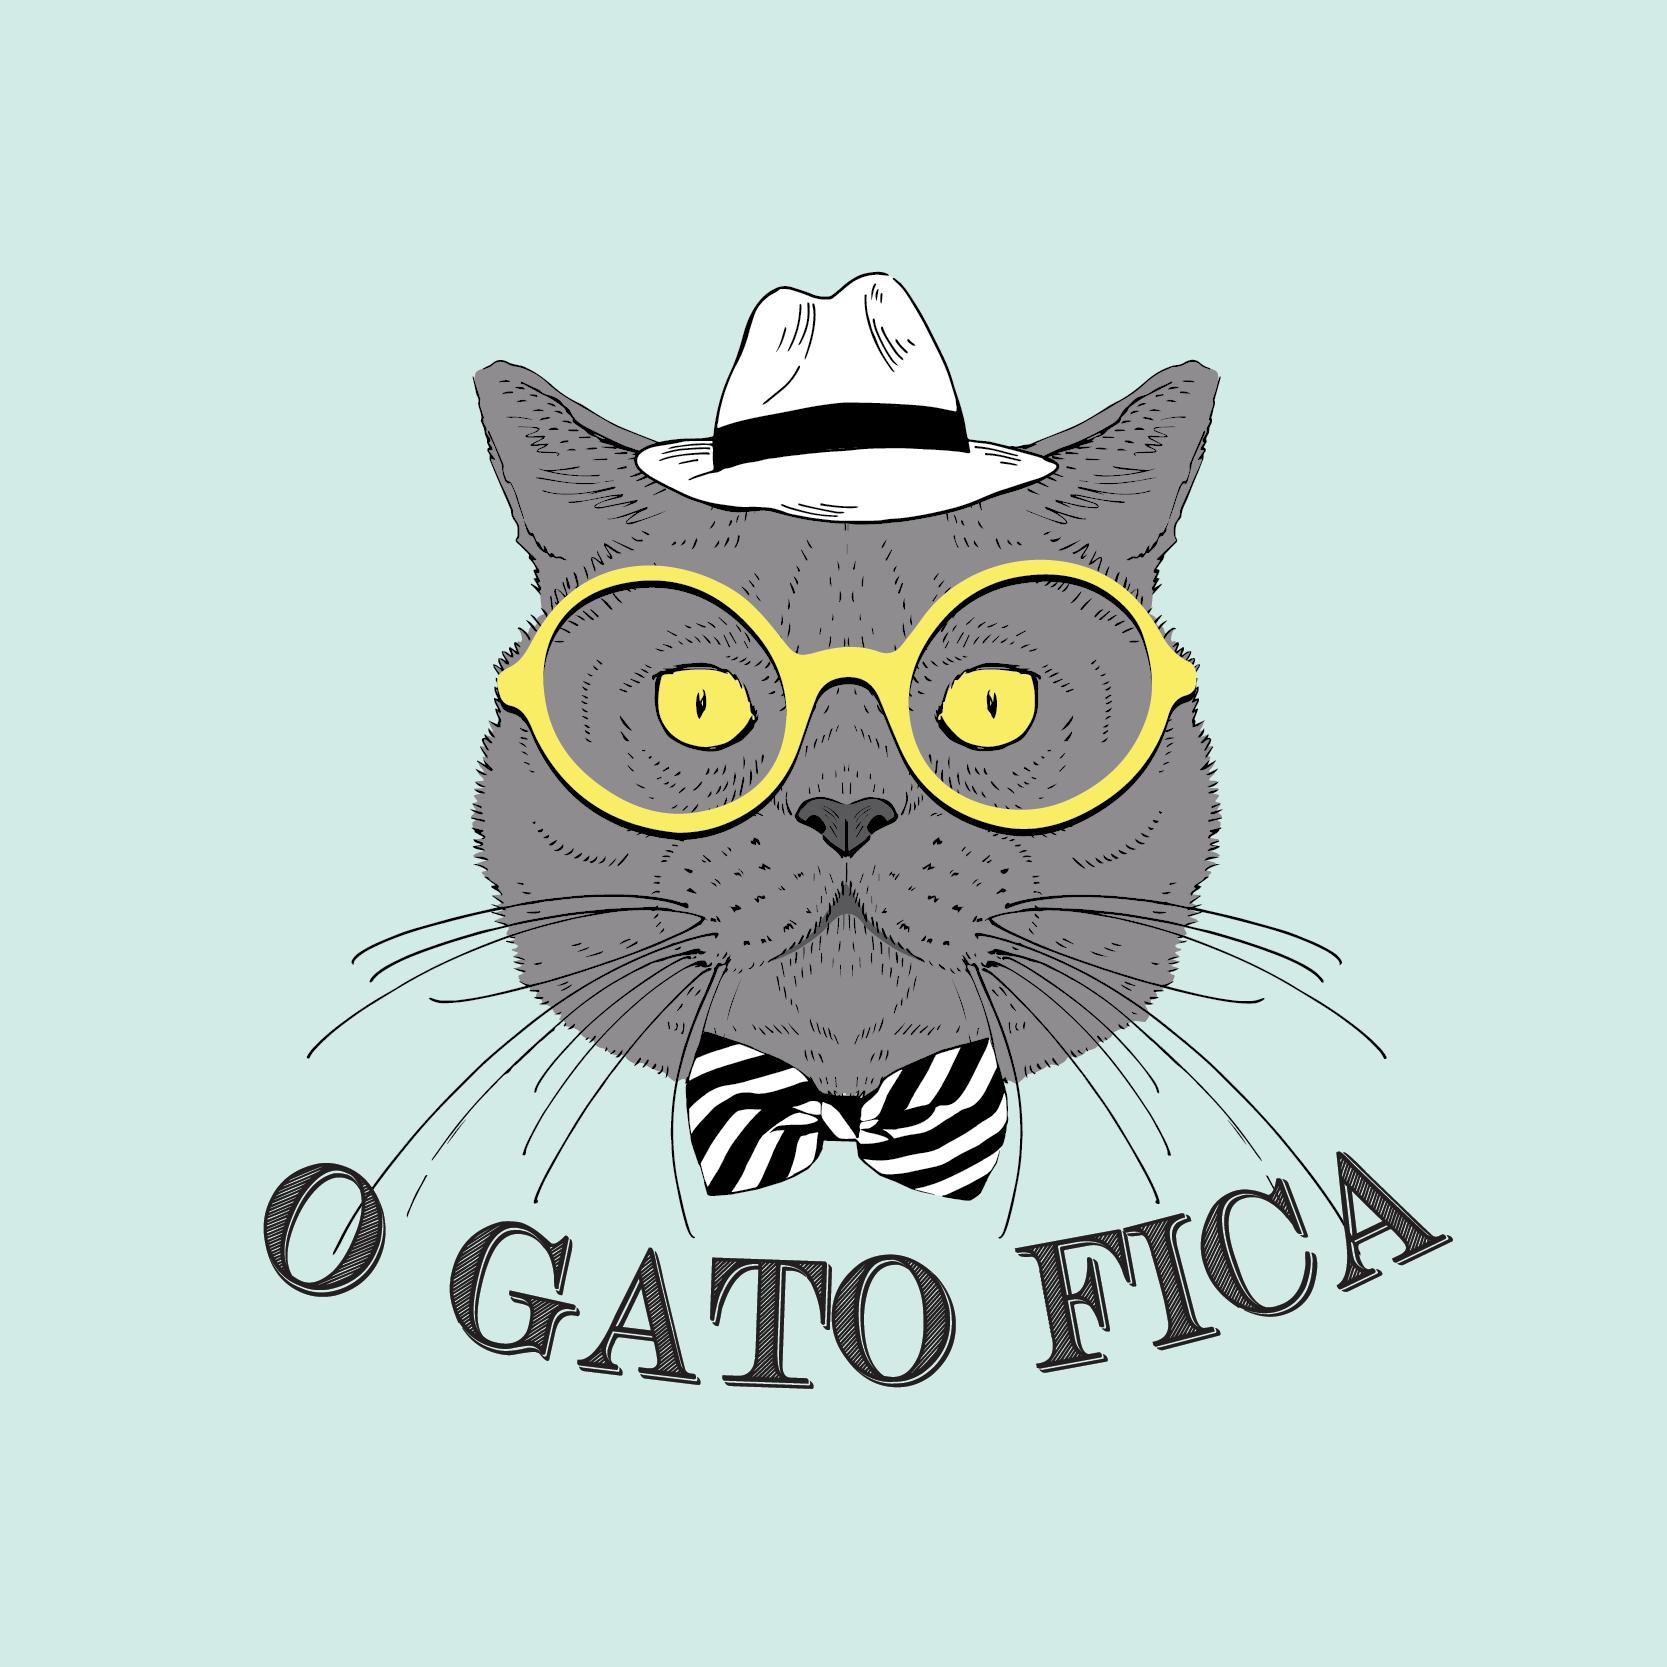 O Gato Fica